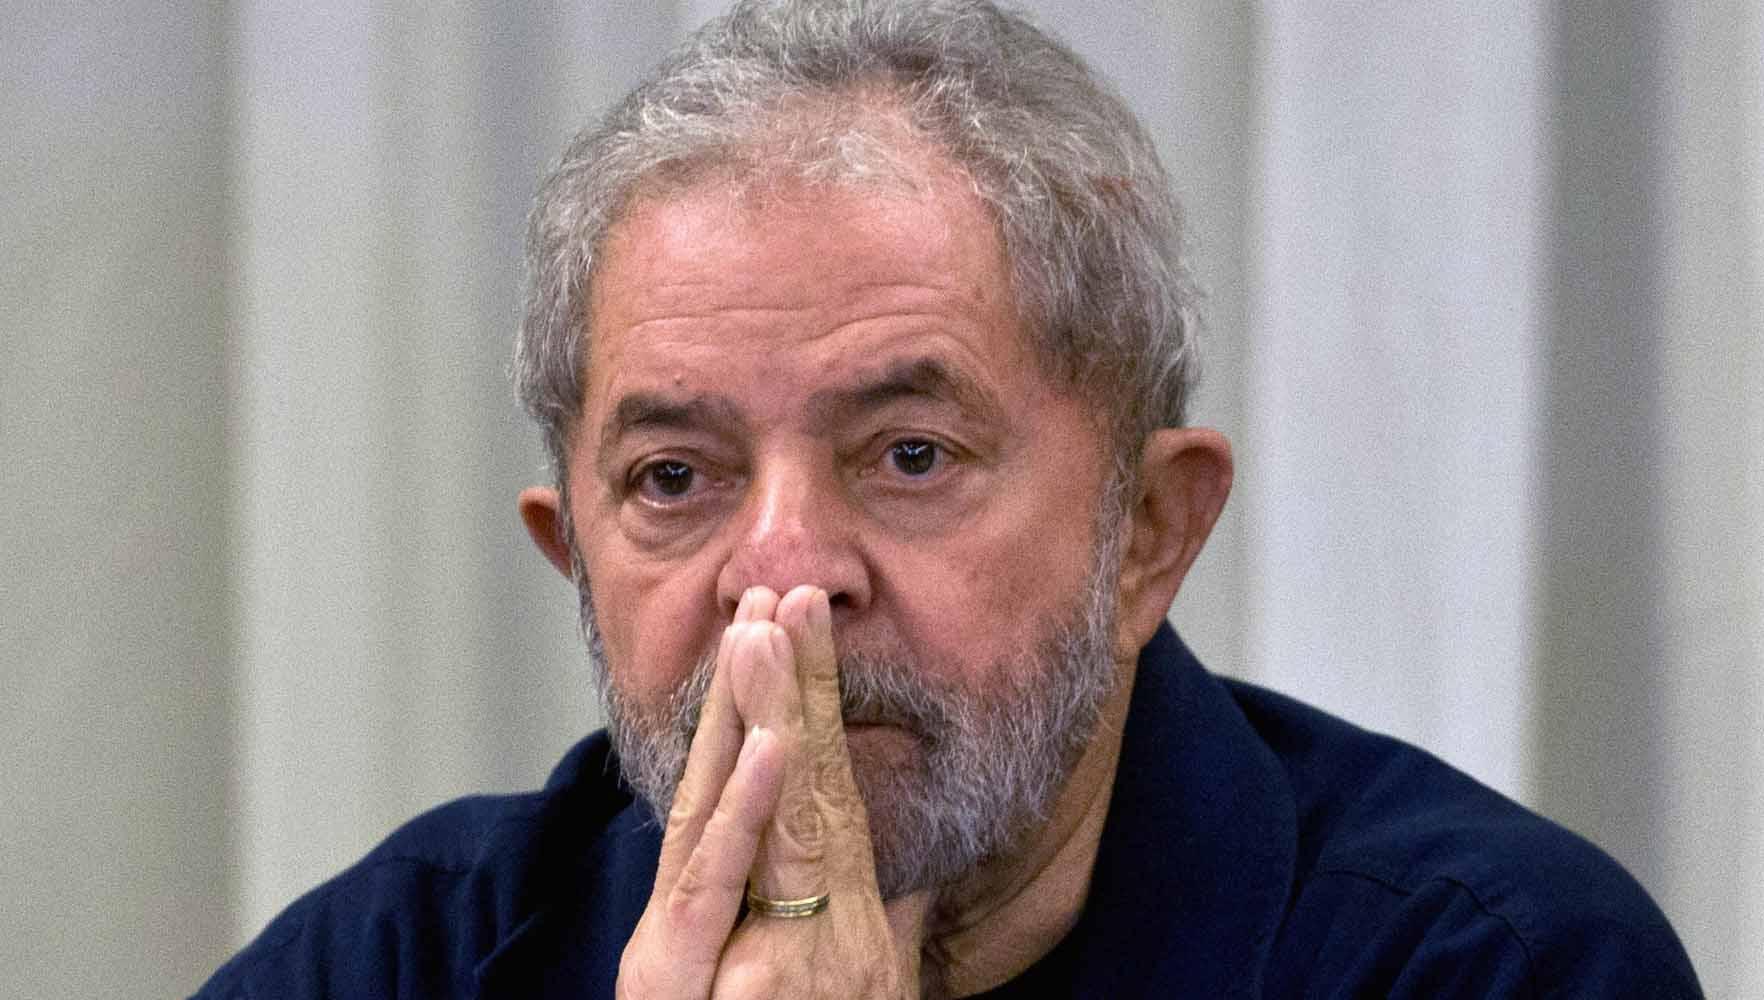 Procuradoria valida denúncia contra Lula